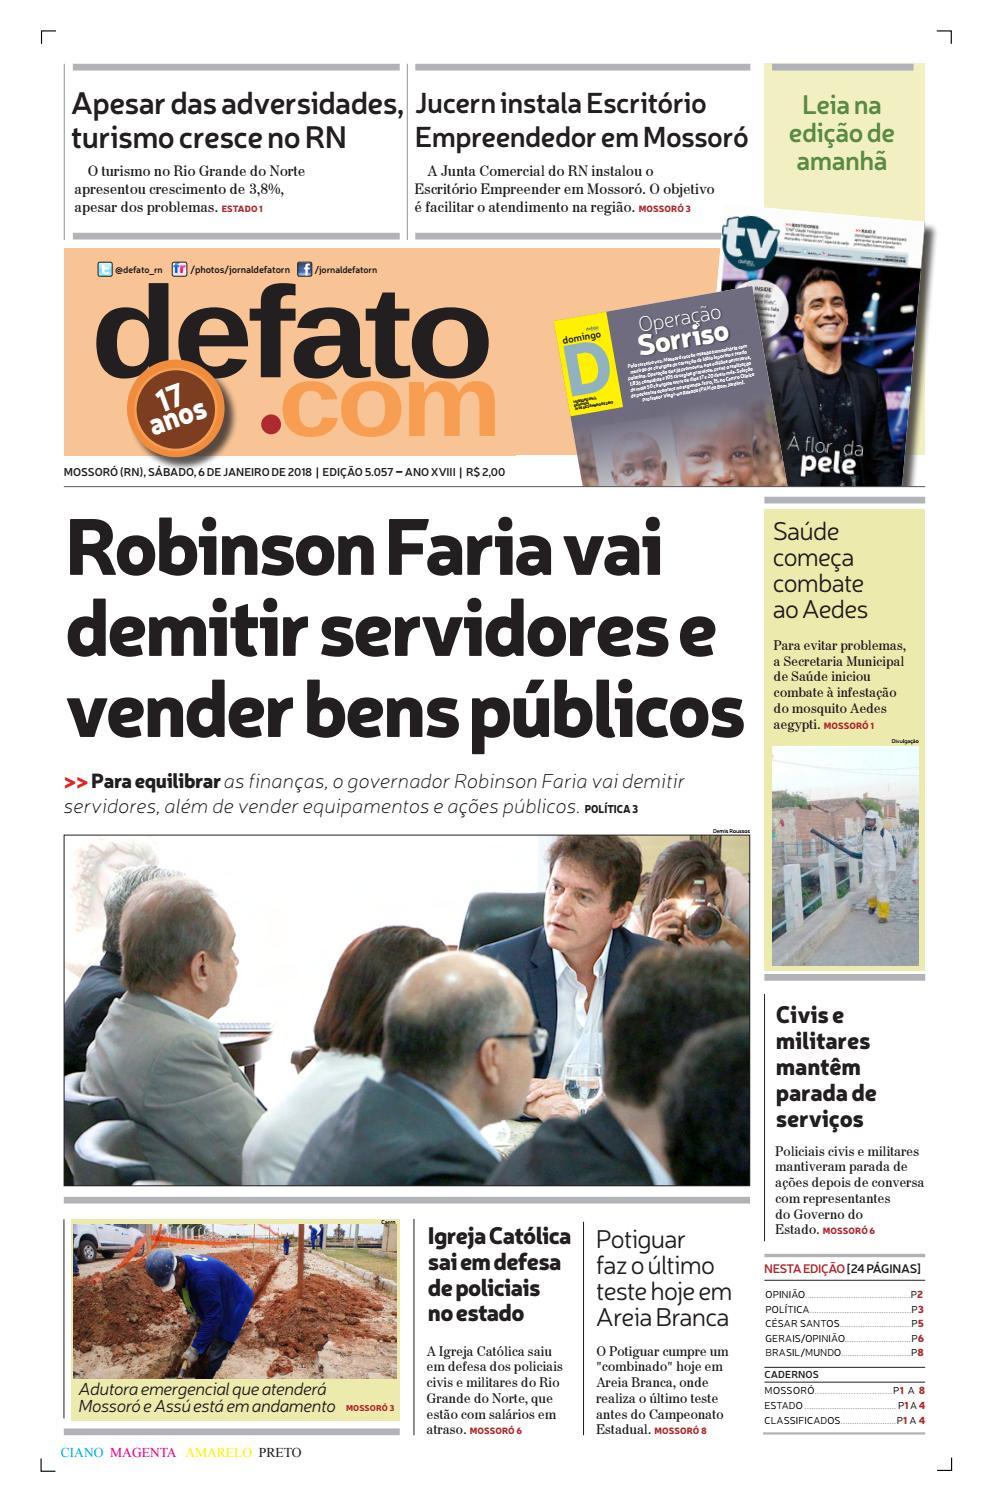 Jornal de Fato by Jornal de Fato - issuu fe67ee716c2